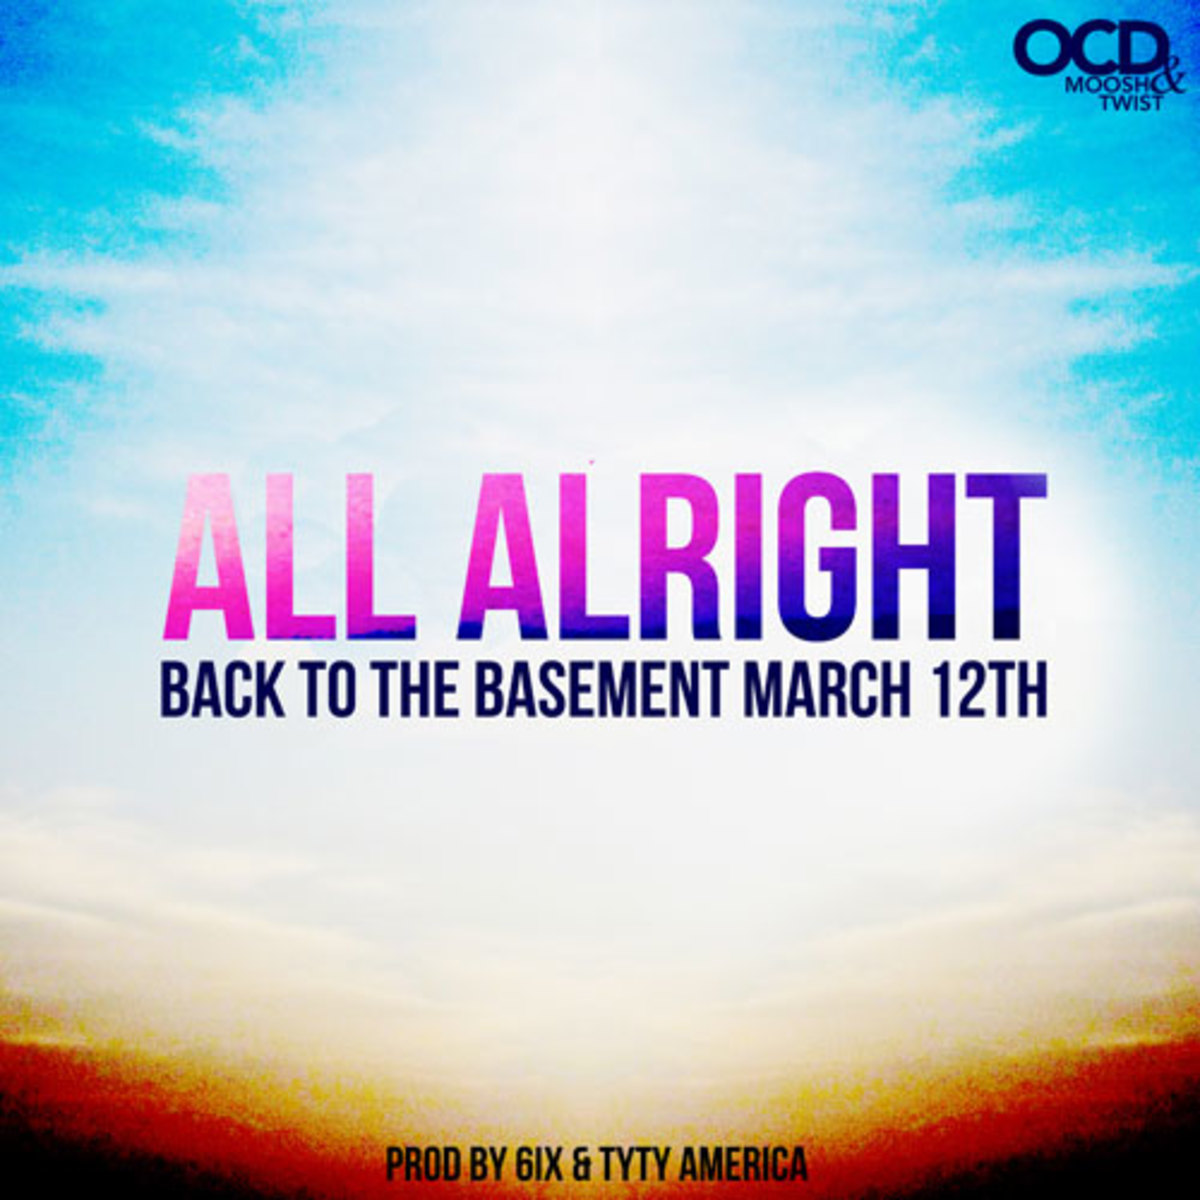 ocd-allalright.jpg